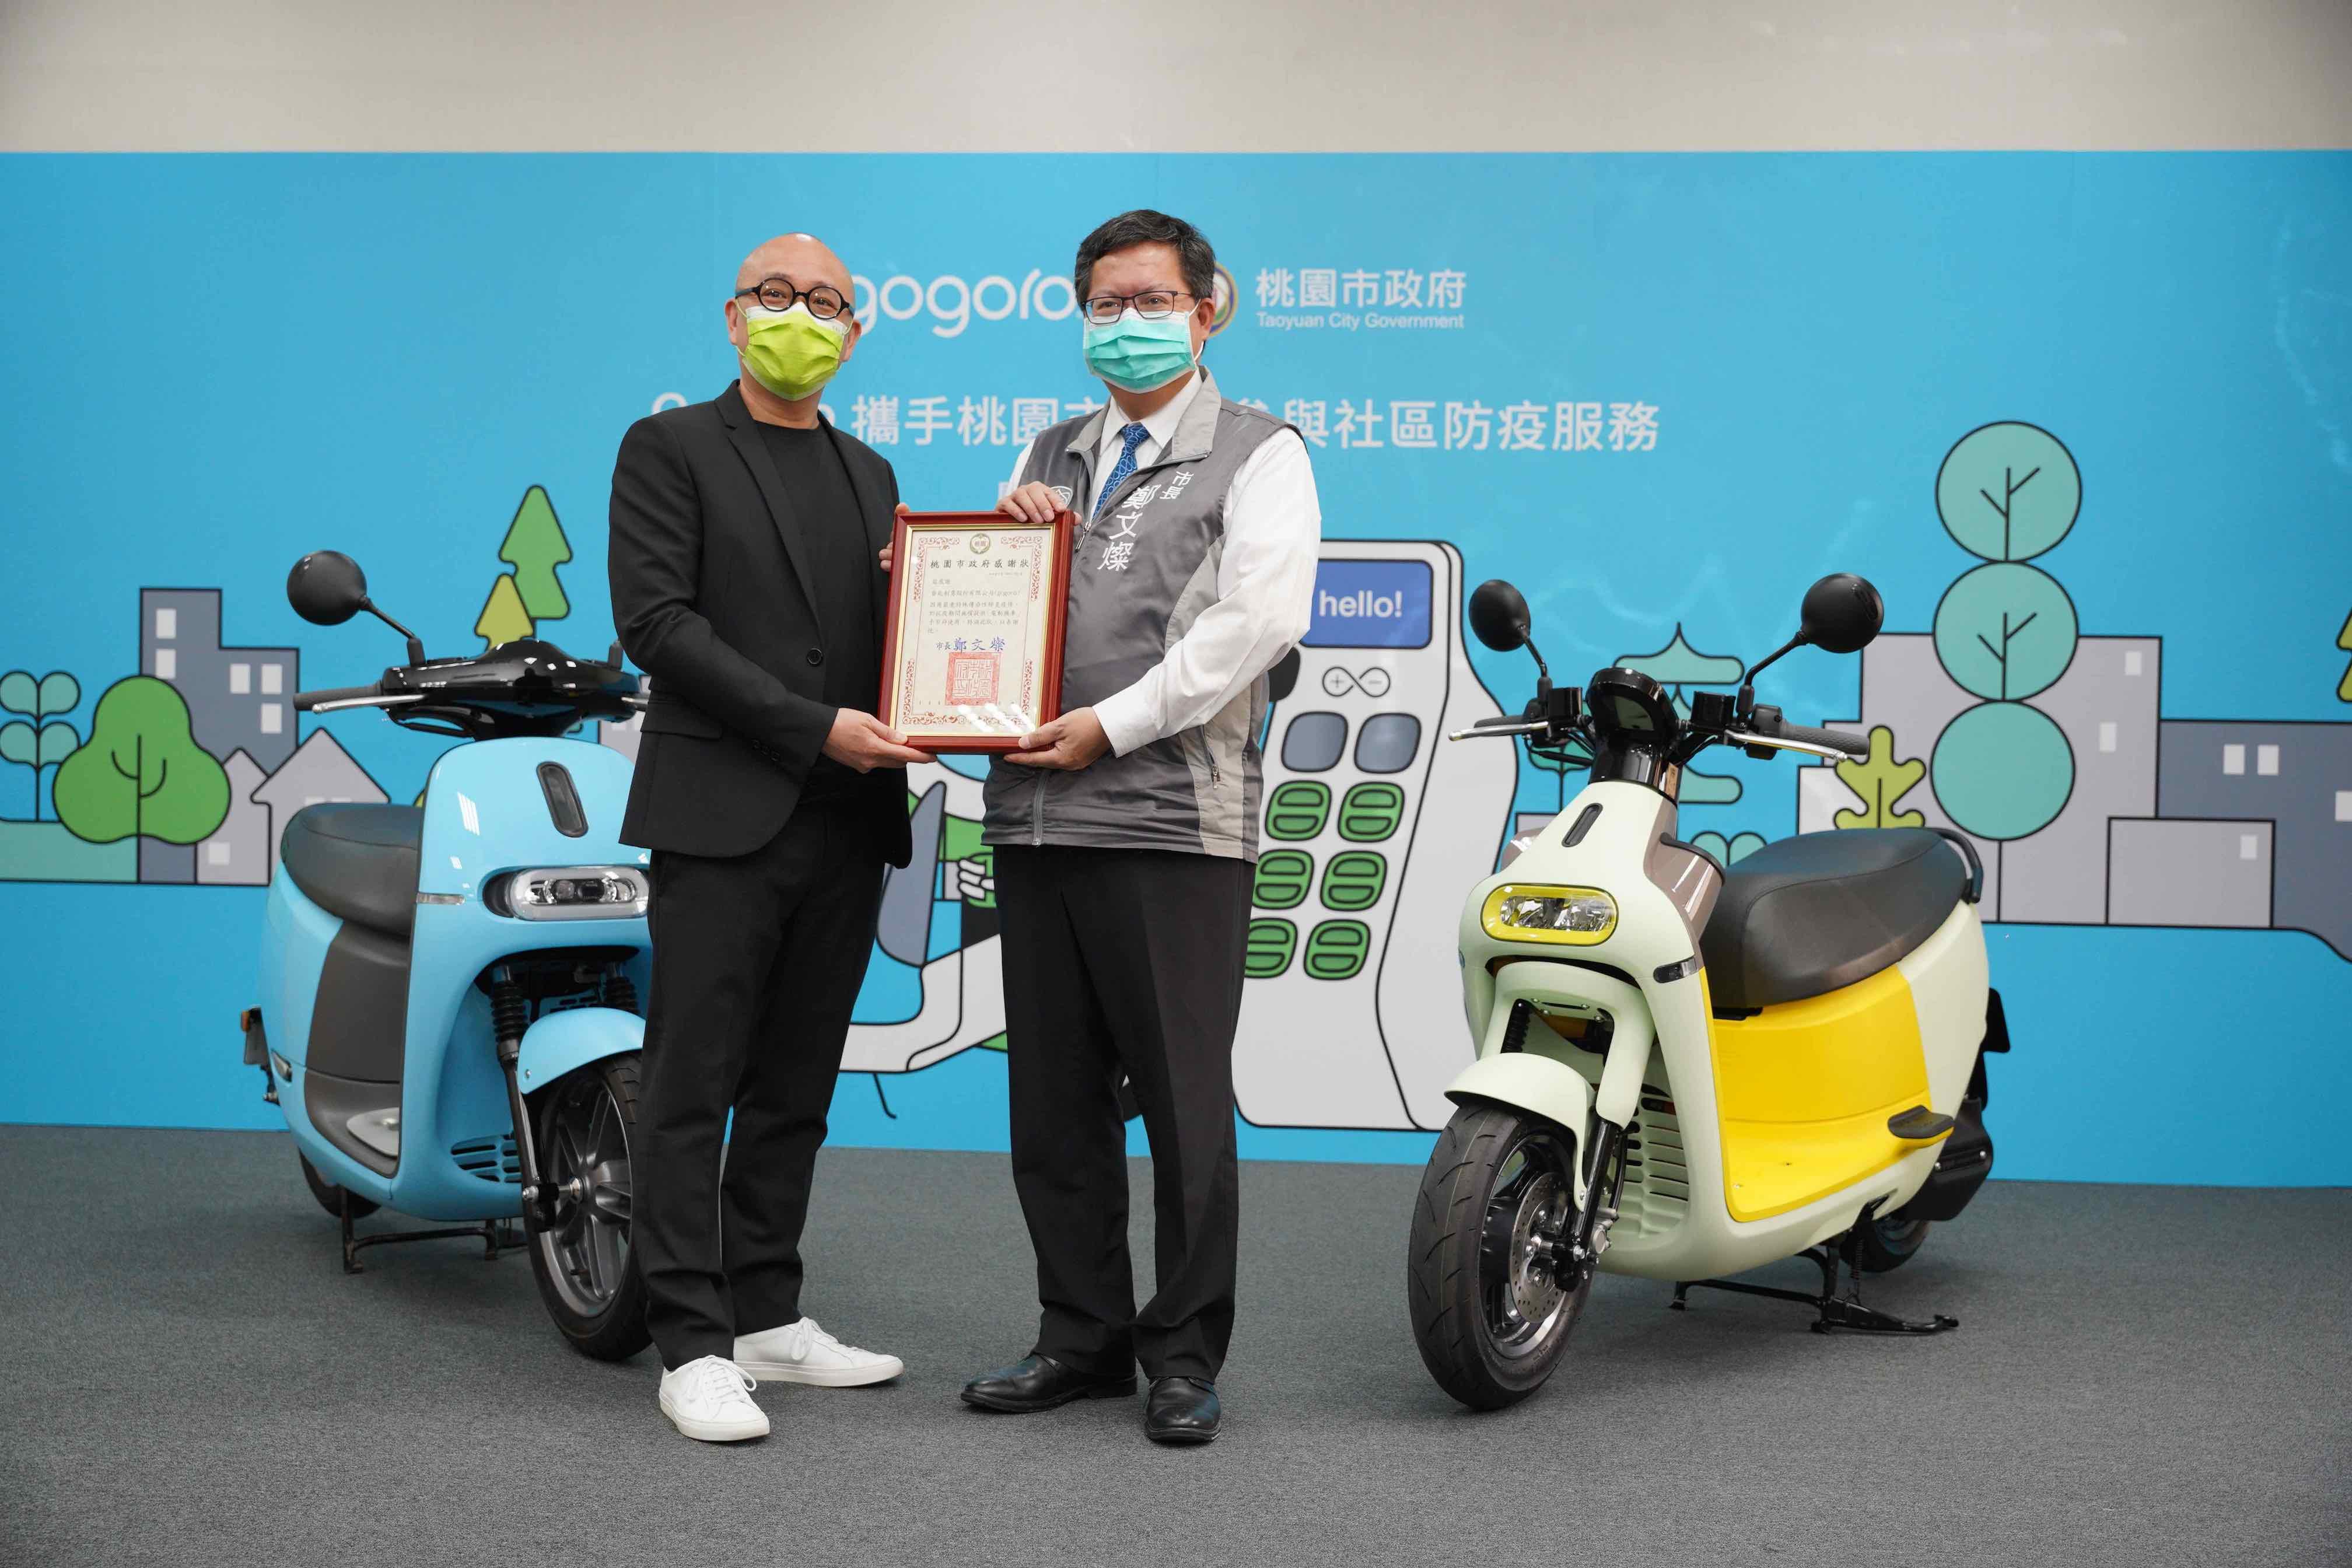 桃園市市長鄭文燦受贈 Gogoro 執行長陸學森感謝狀。